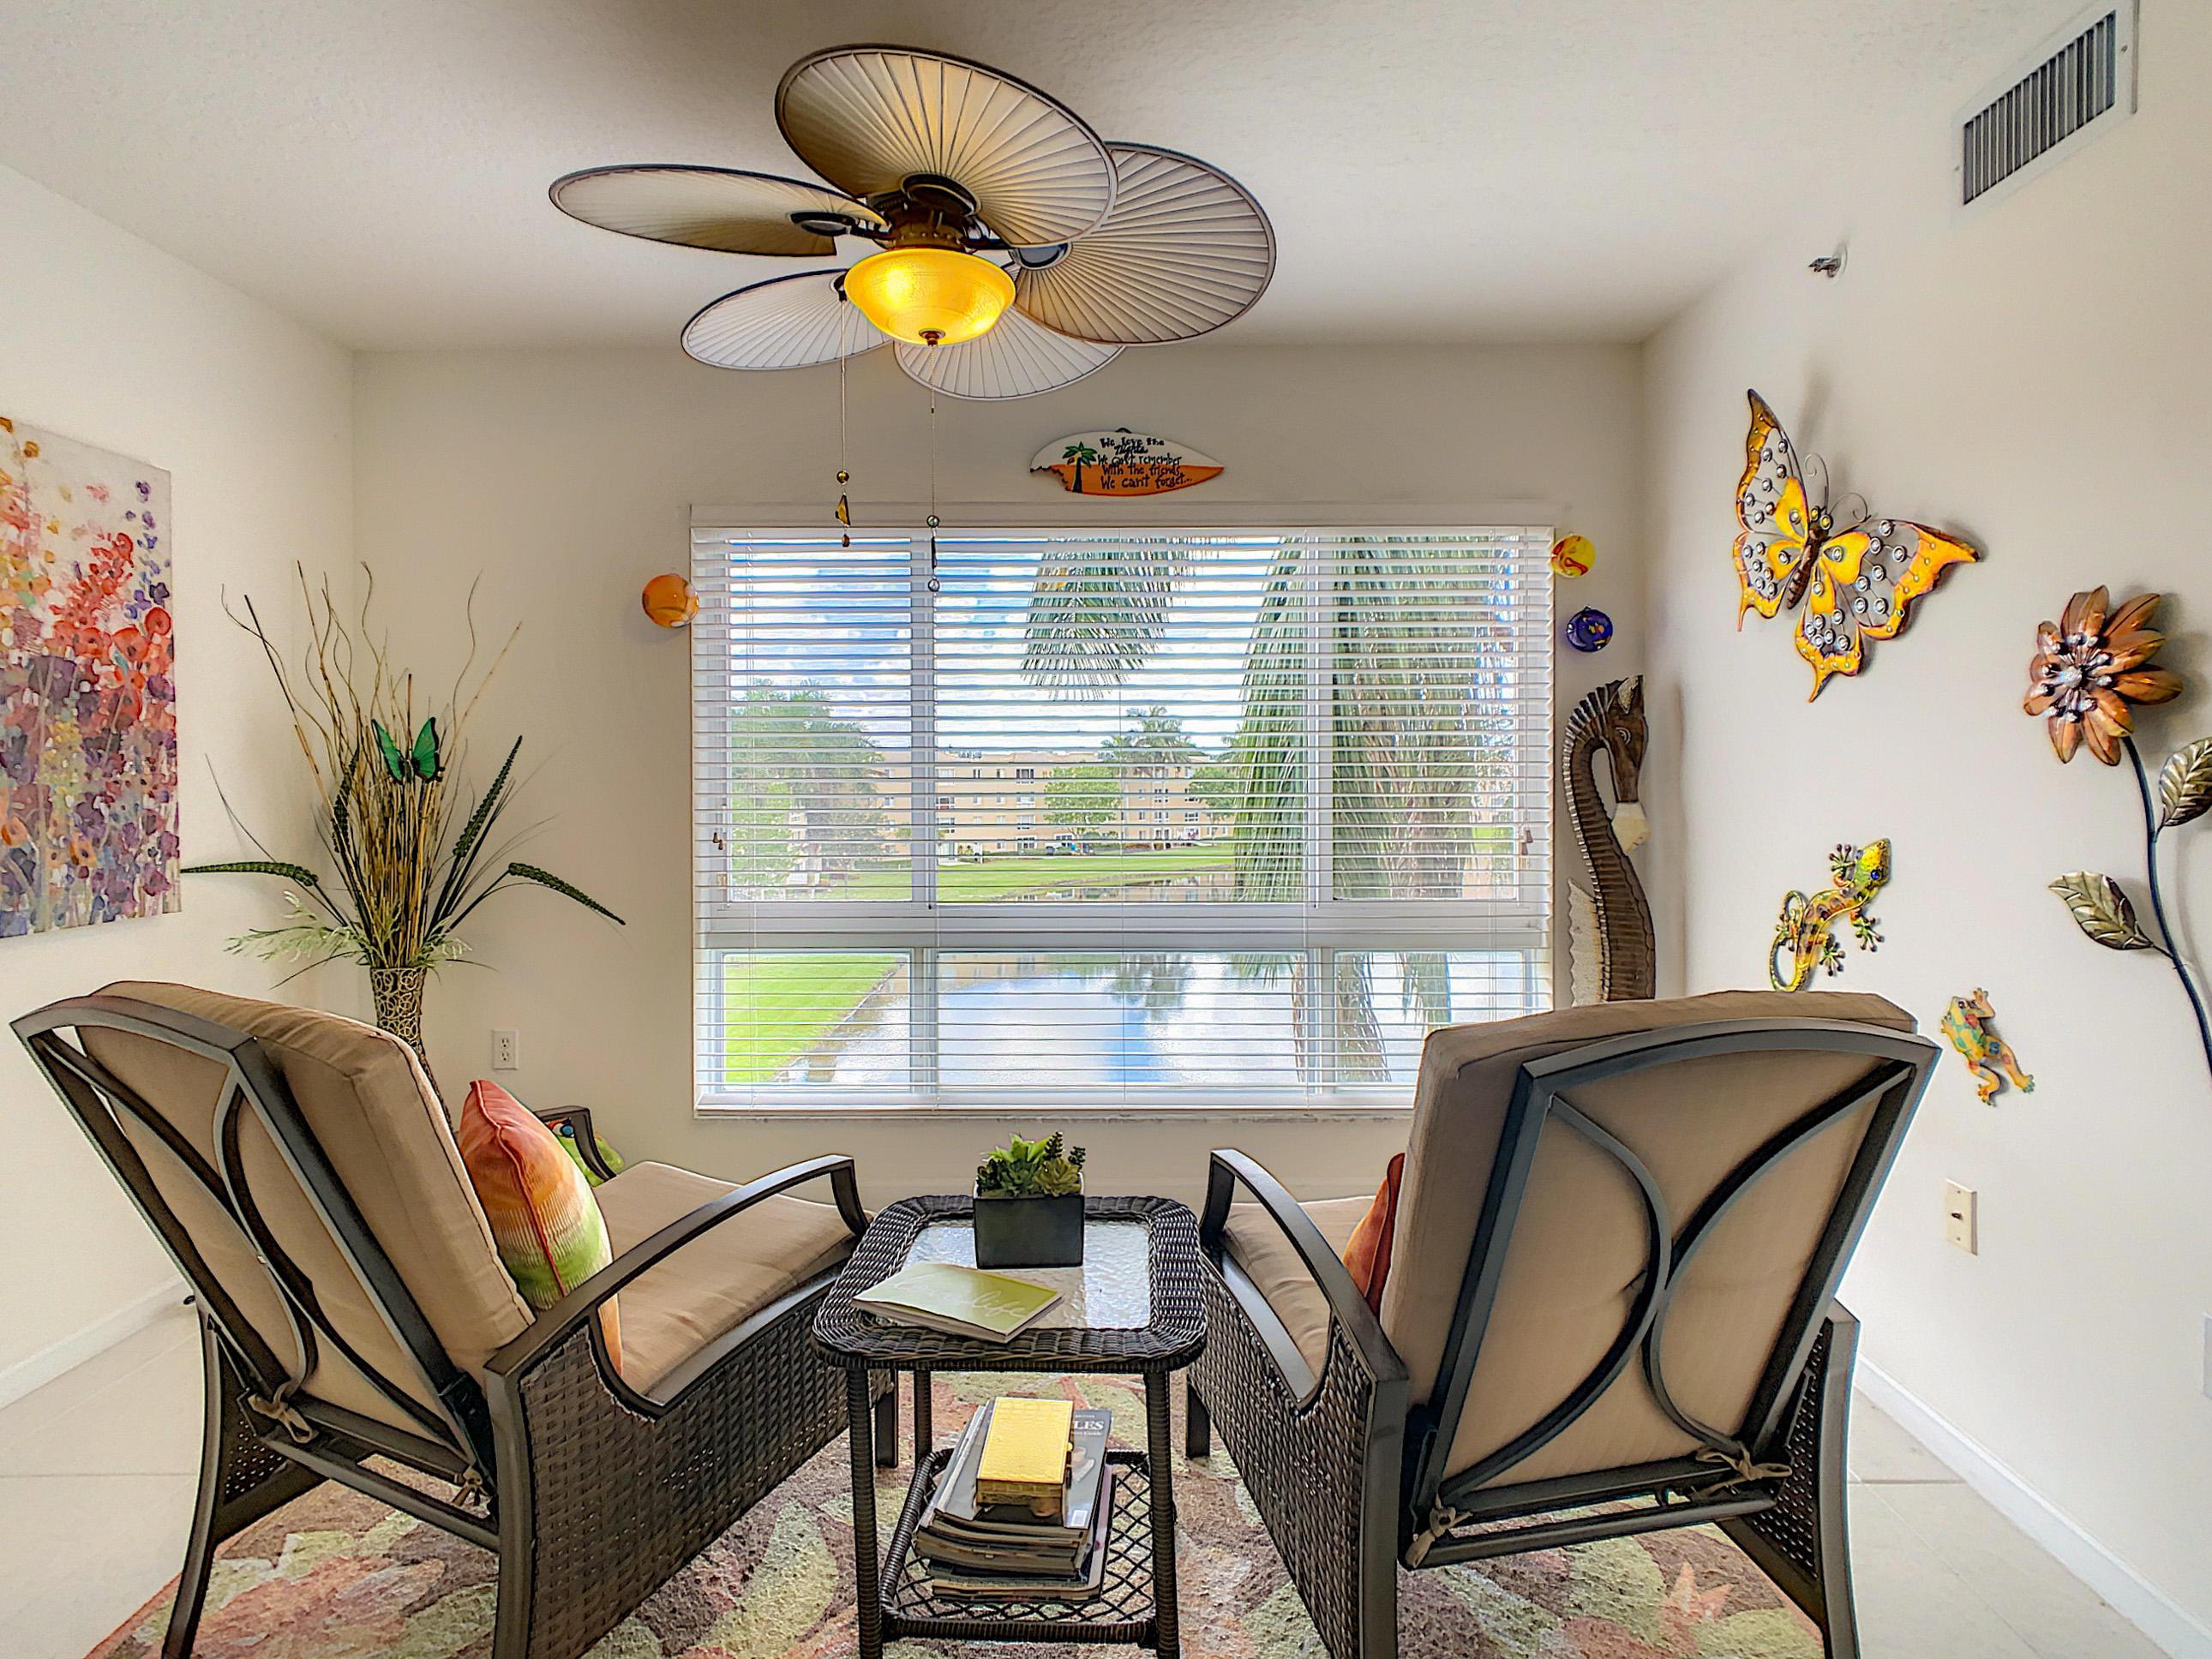 12547 Imperial Isle Drive 402 Boynton Beach, FL 33437 photo 14